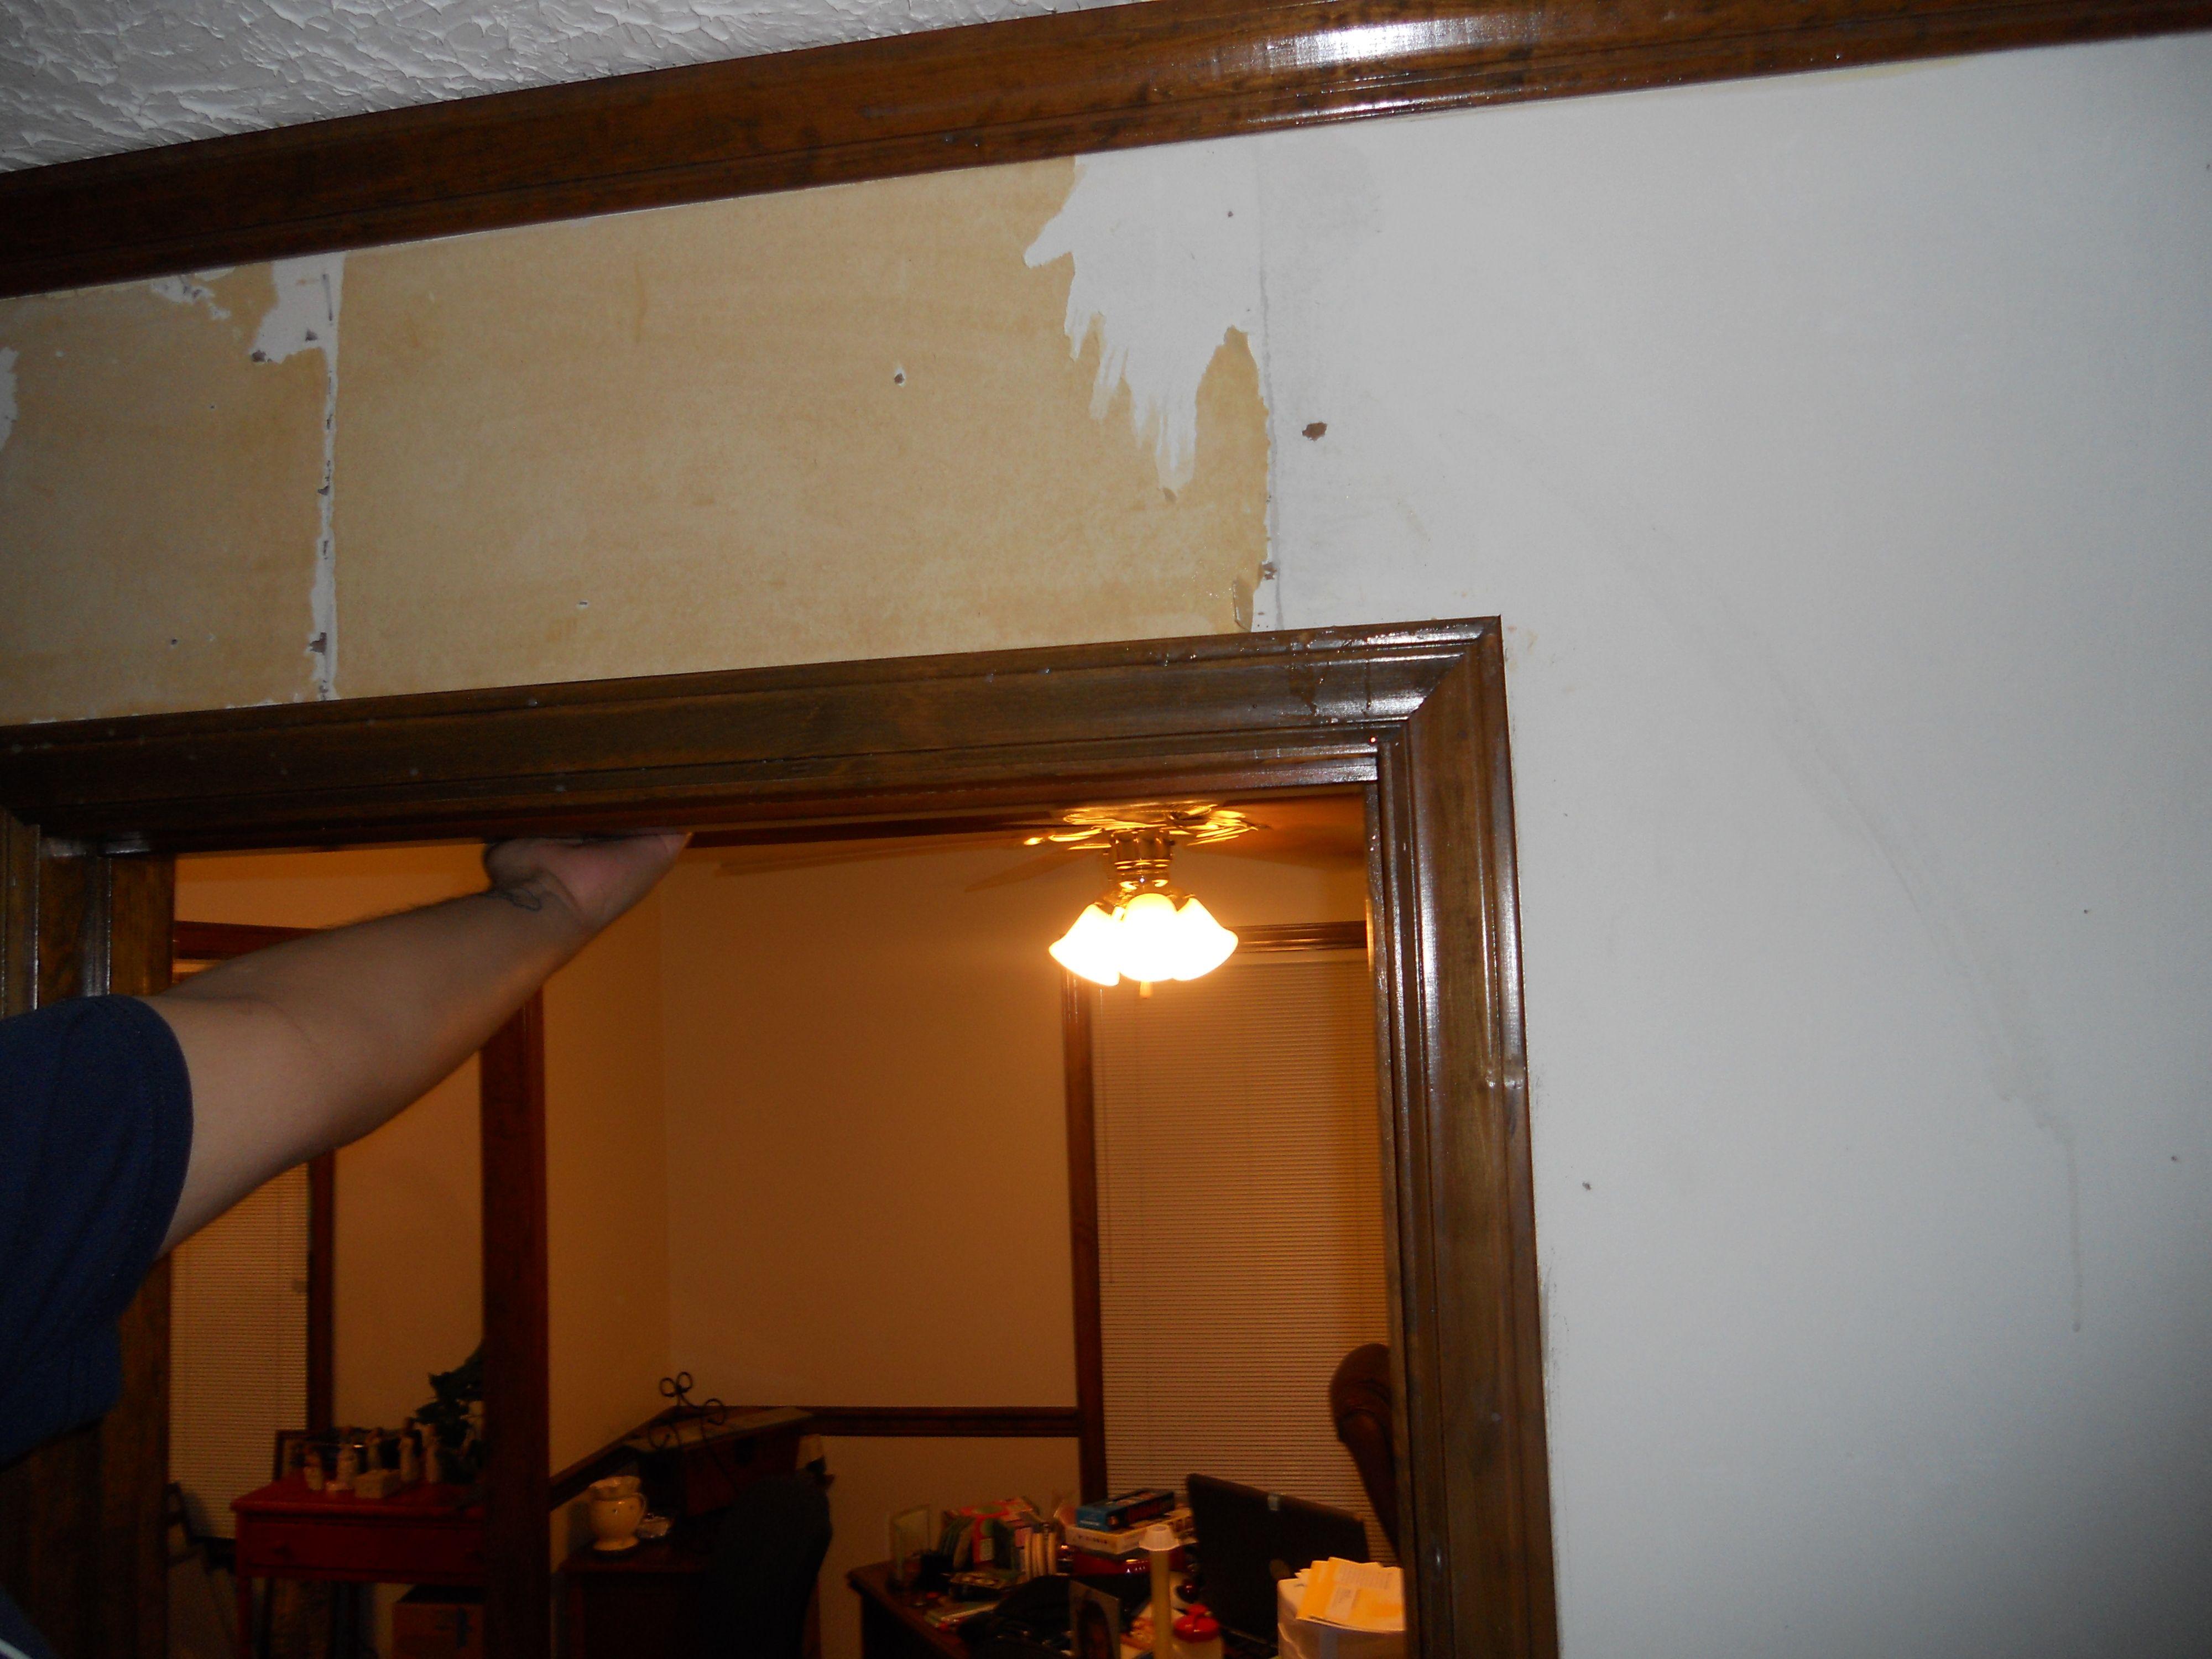 les 25 meilleures id es de la cat gorie d coller le papier sur pinterest papier peint de. Black Bedroom Furniture Sets. Home Design Ideas